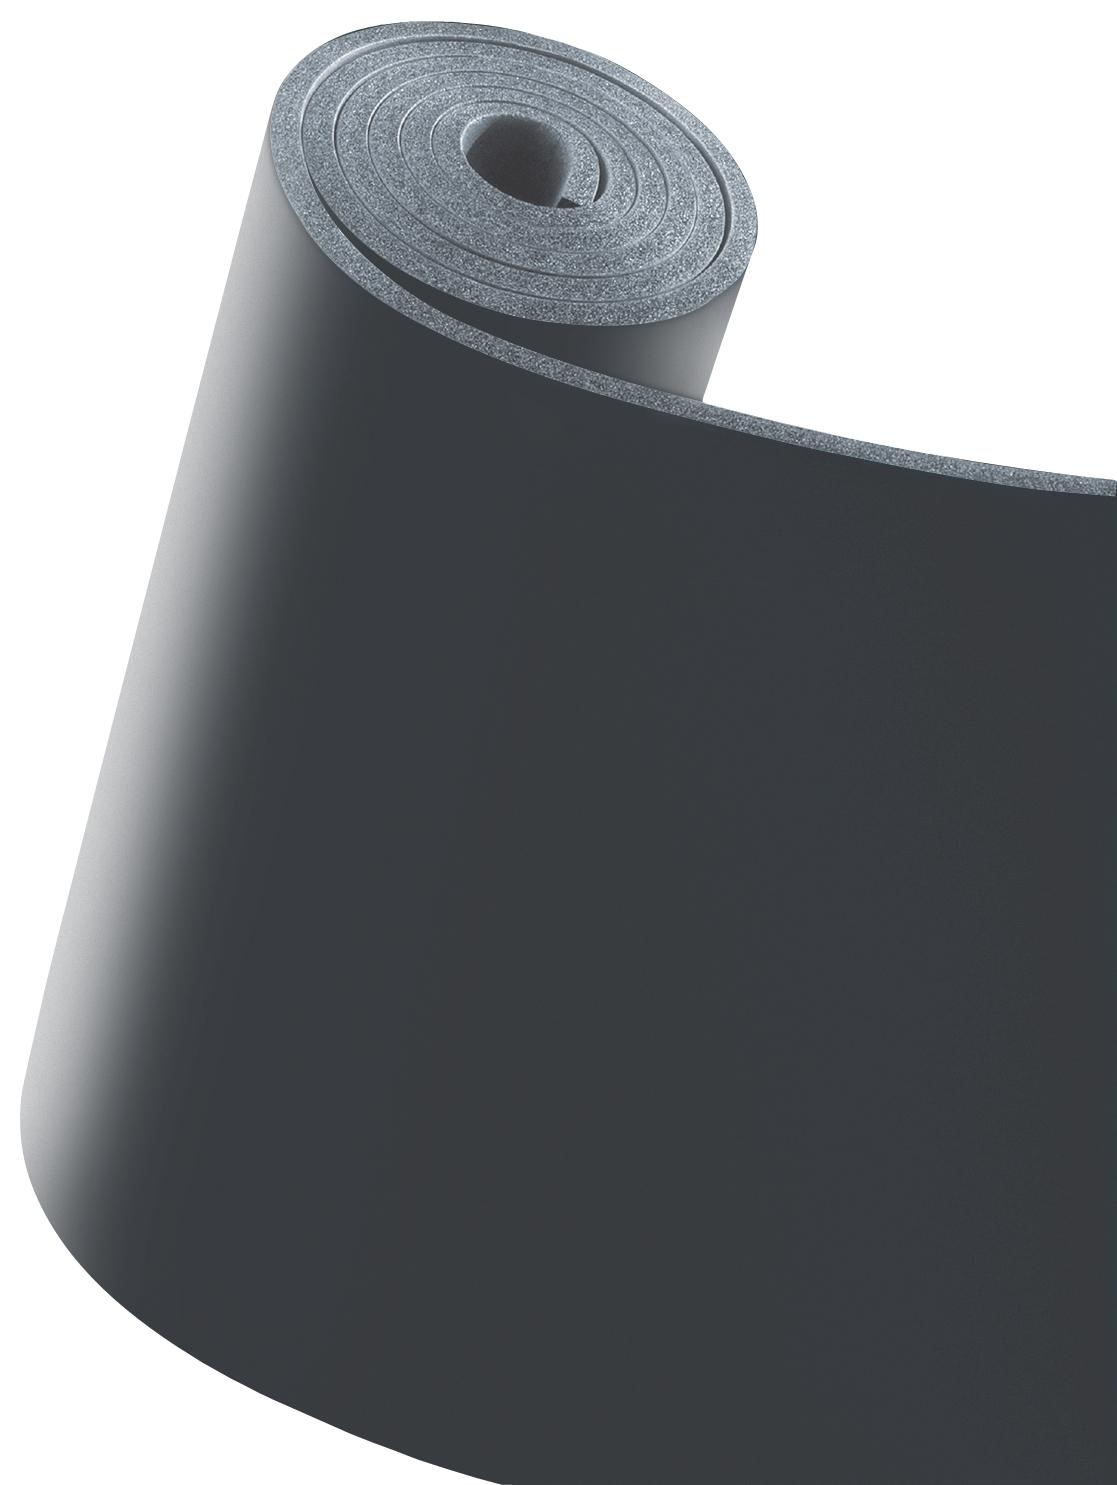 Рулон K-Flex ST толщина 19мм